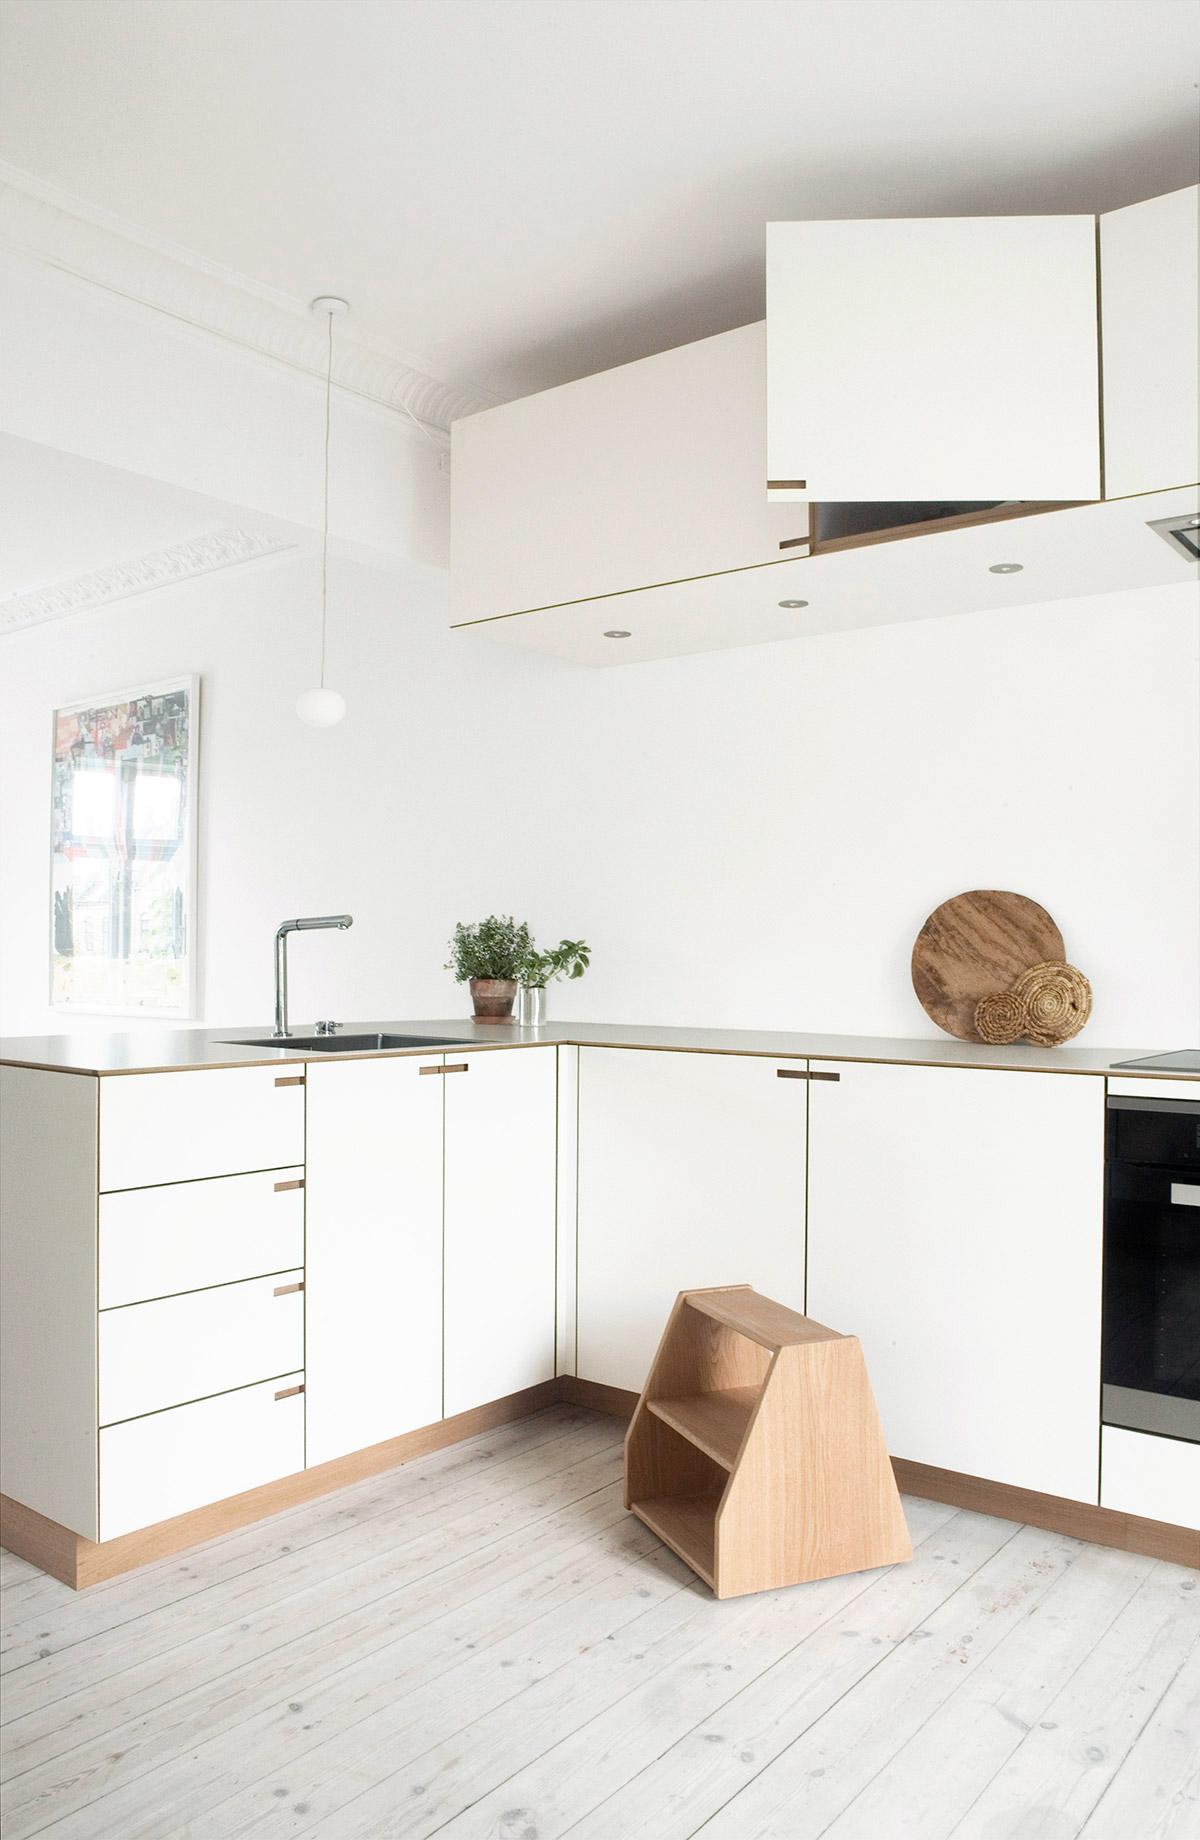 Minimalistisk snedkerkøkken i eg og hvid laminat - designet og produceret af Nicolaj Bo™